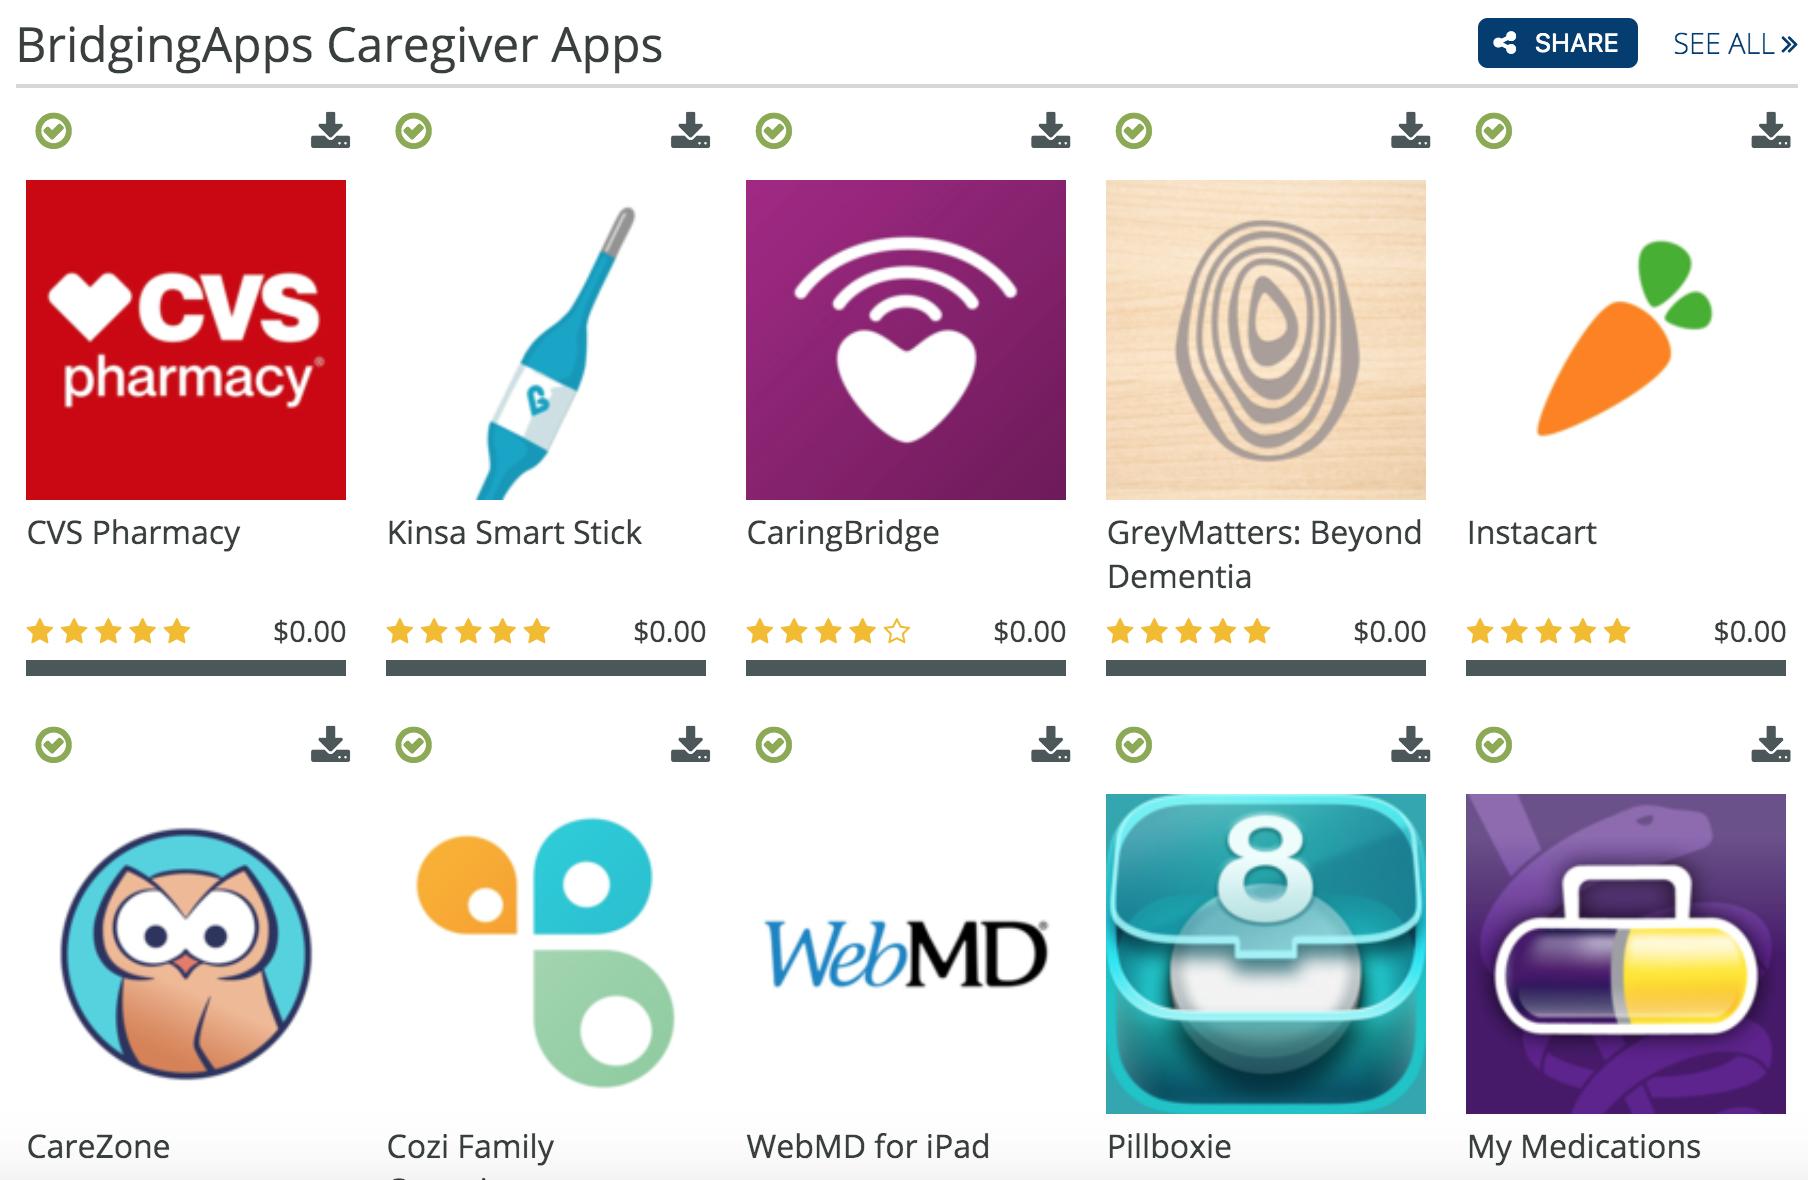 caregiver apps